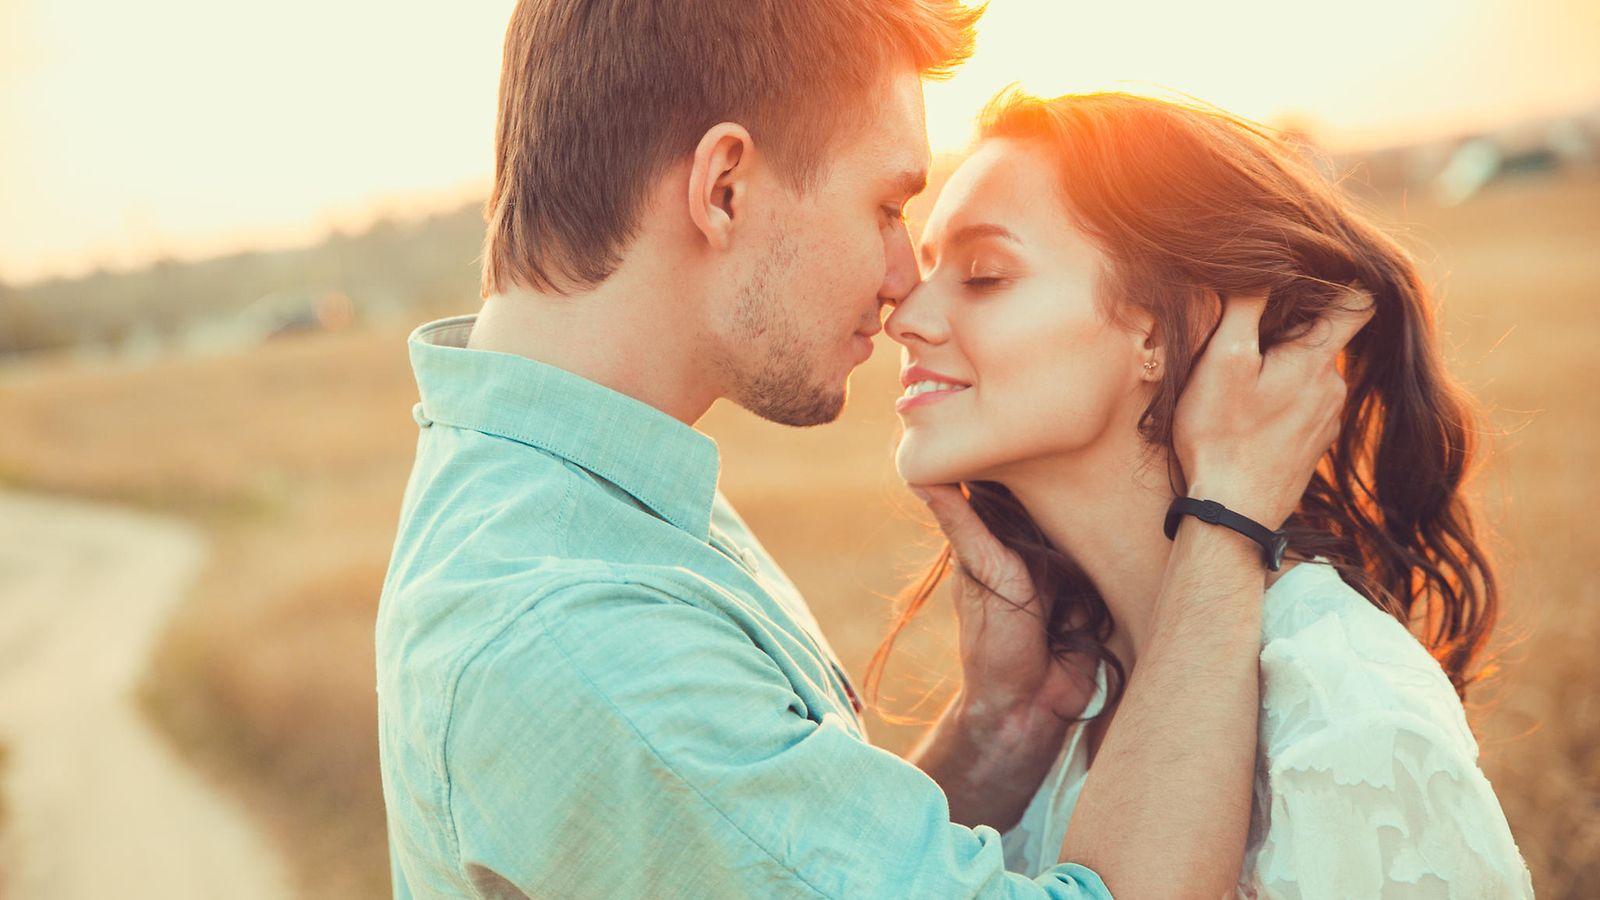 vapaa dating sivustot Alanko maat